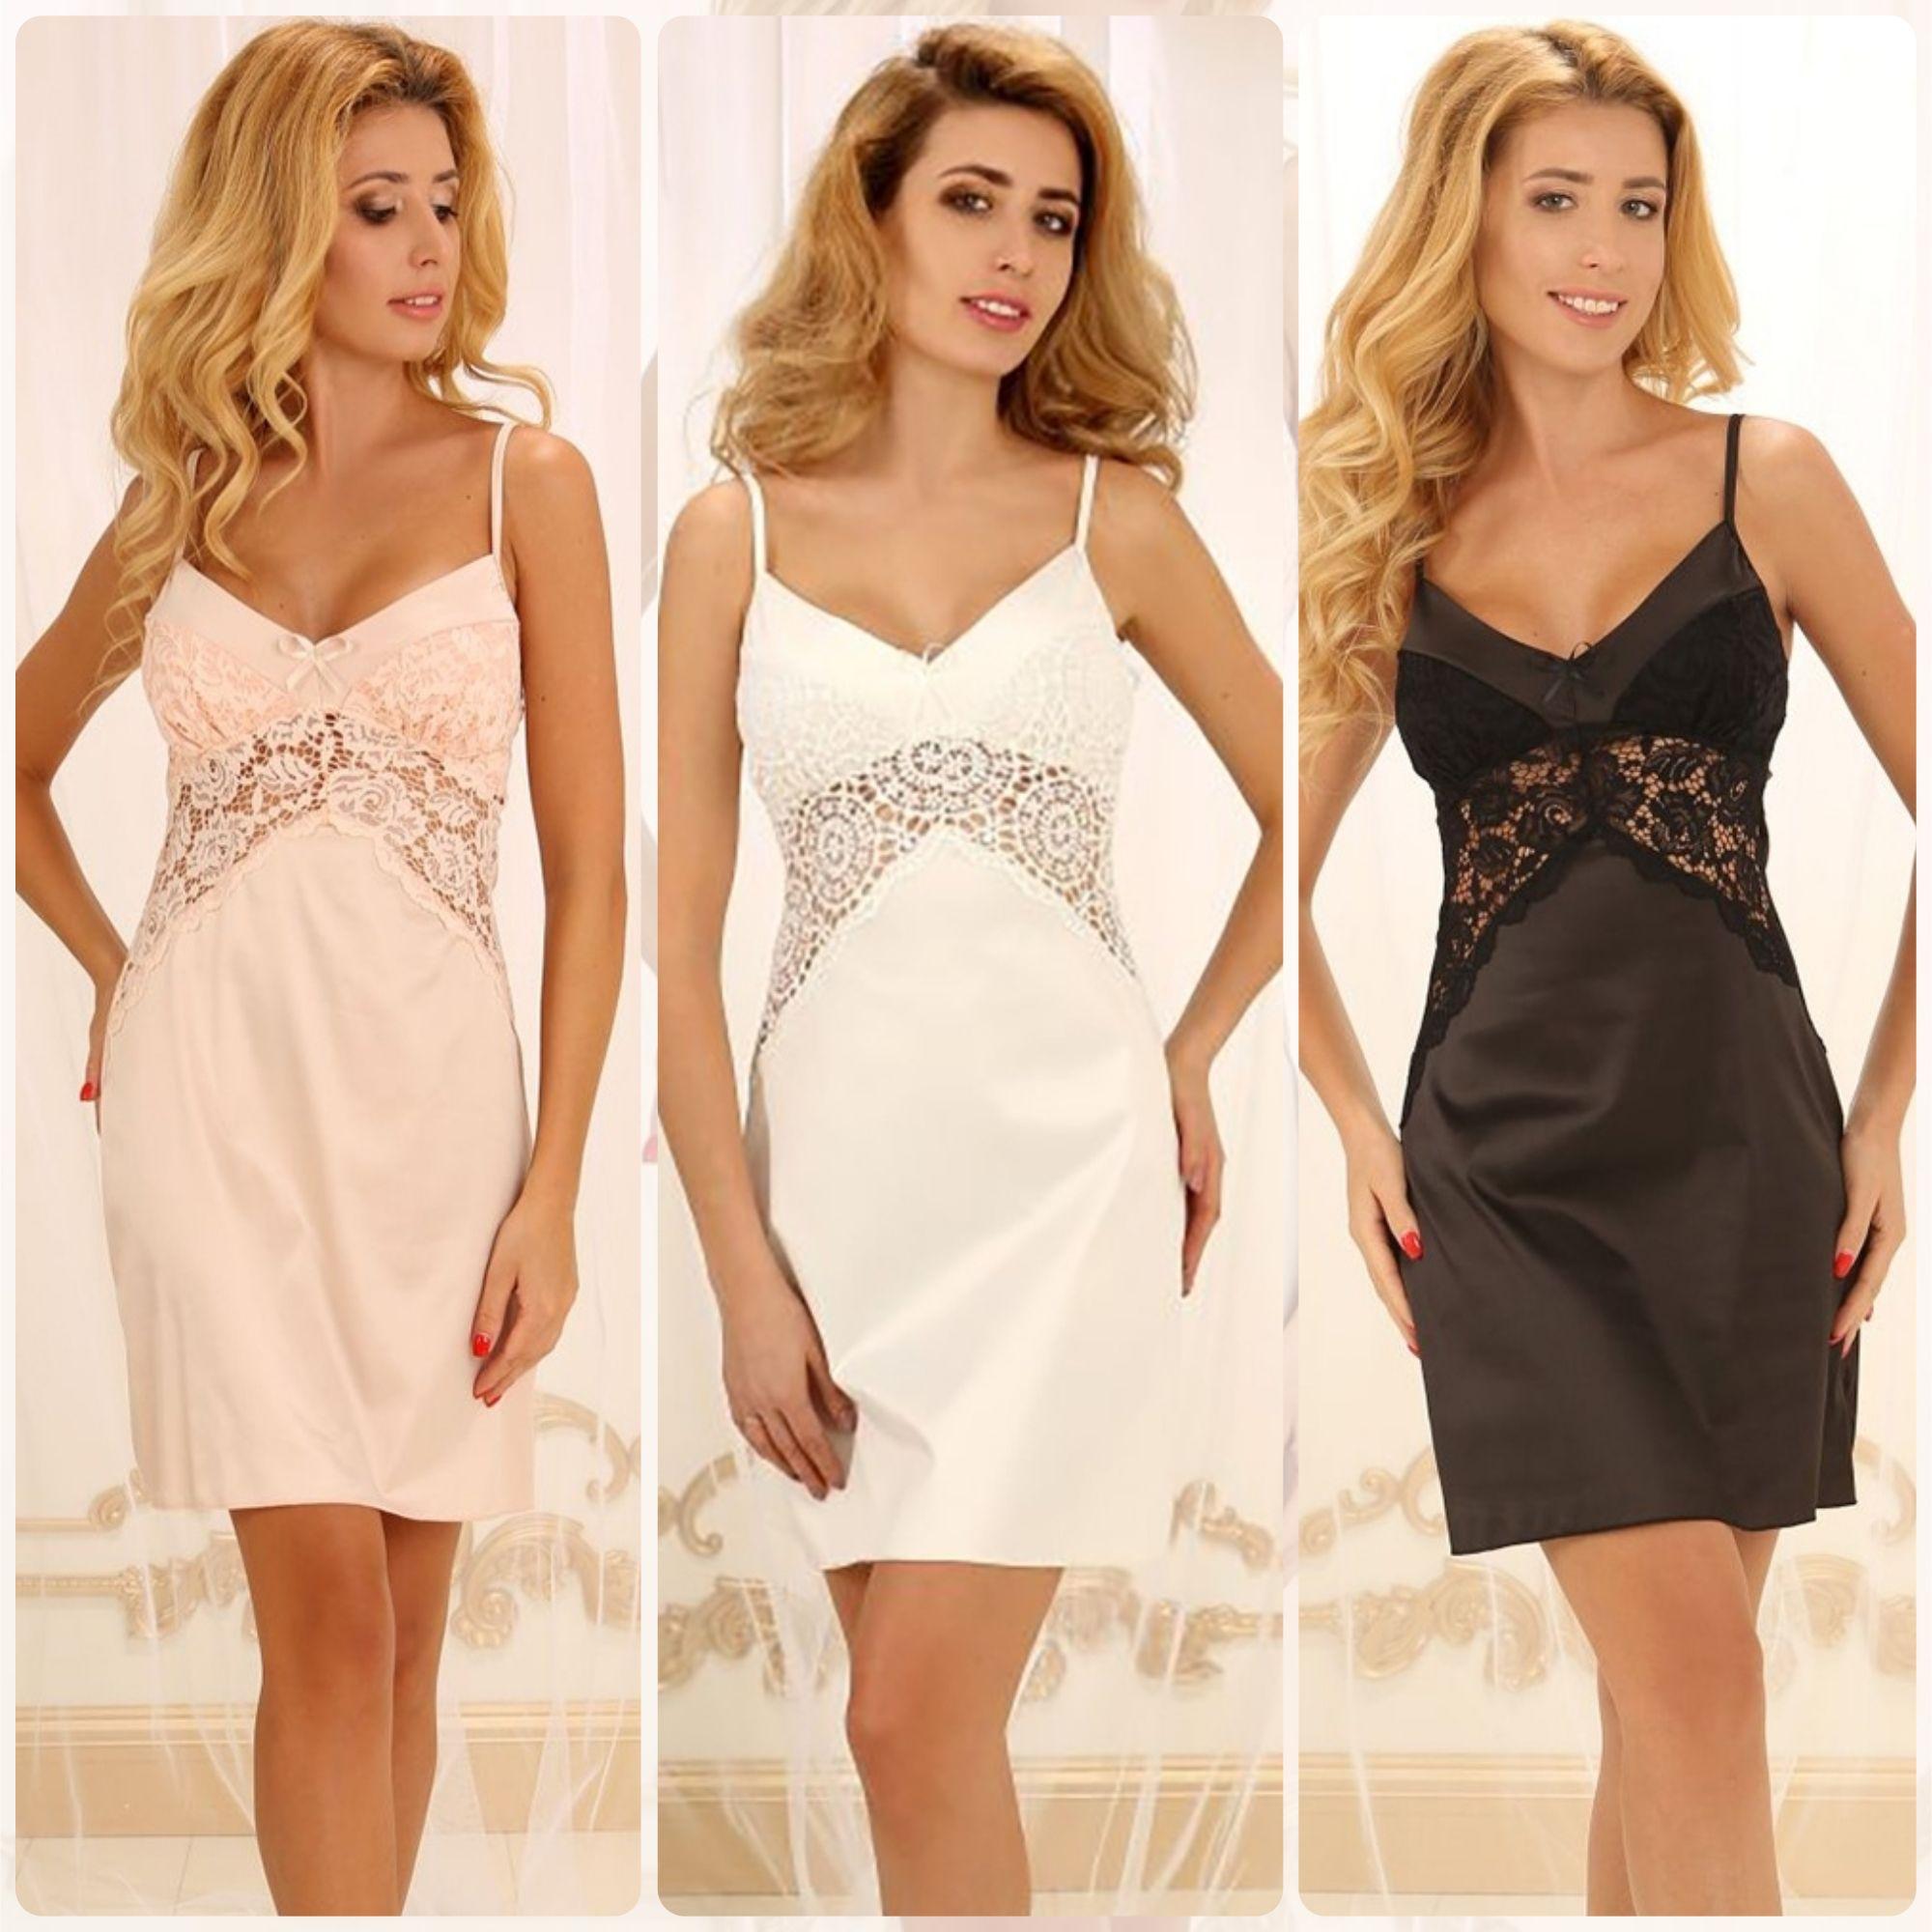 751f3fcc0b7ebe3 Элегантные женские ночные сорочки из шелк-сатина и кружева от ТМ Violet  delux💟 #